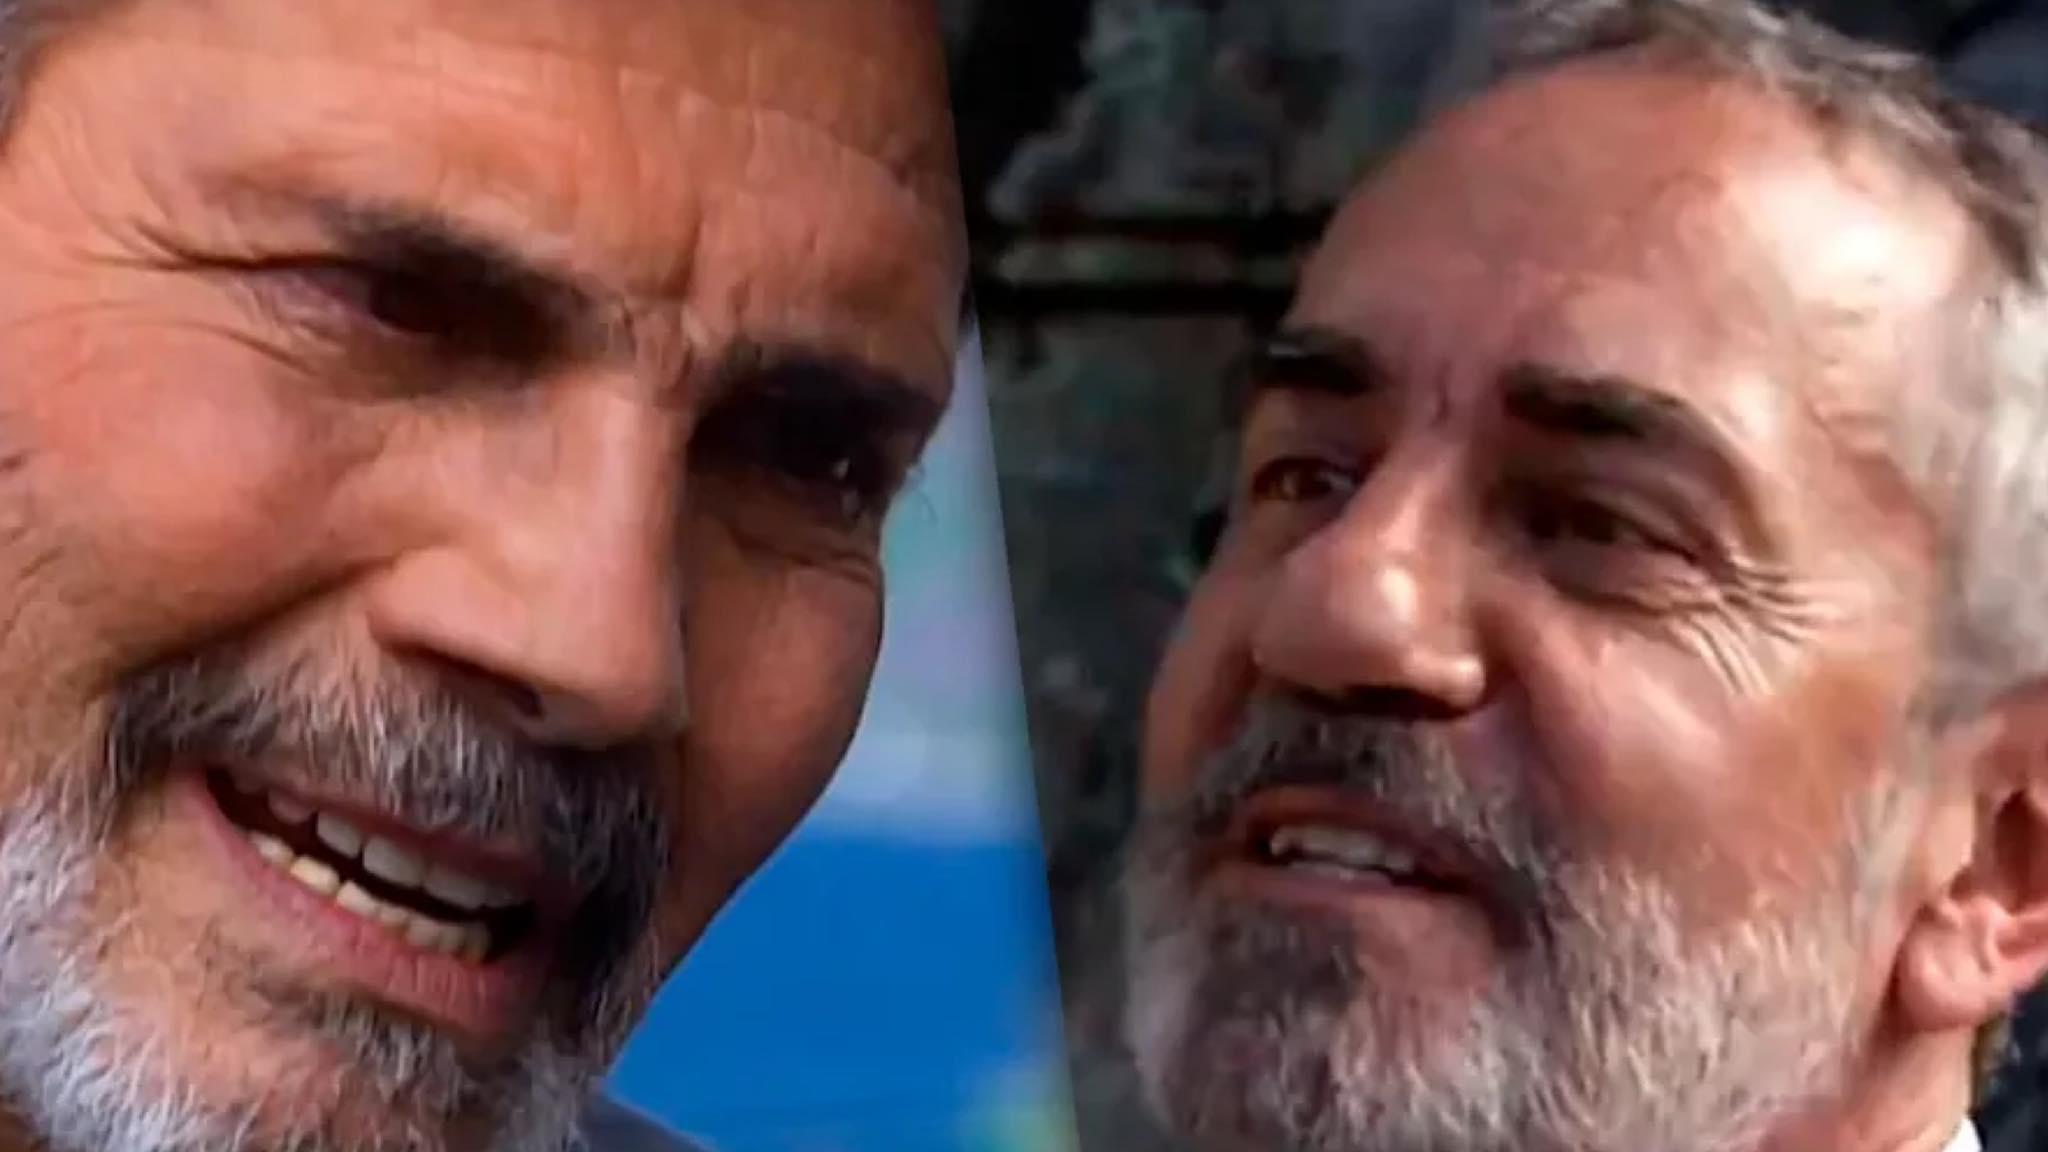 Cena de Tarcísio Meira e Paulo José, de novela de 2001 viraliza, após atores morrerem com um dia de diferença. Fonte: Reprodução